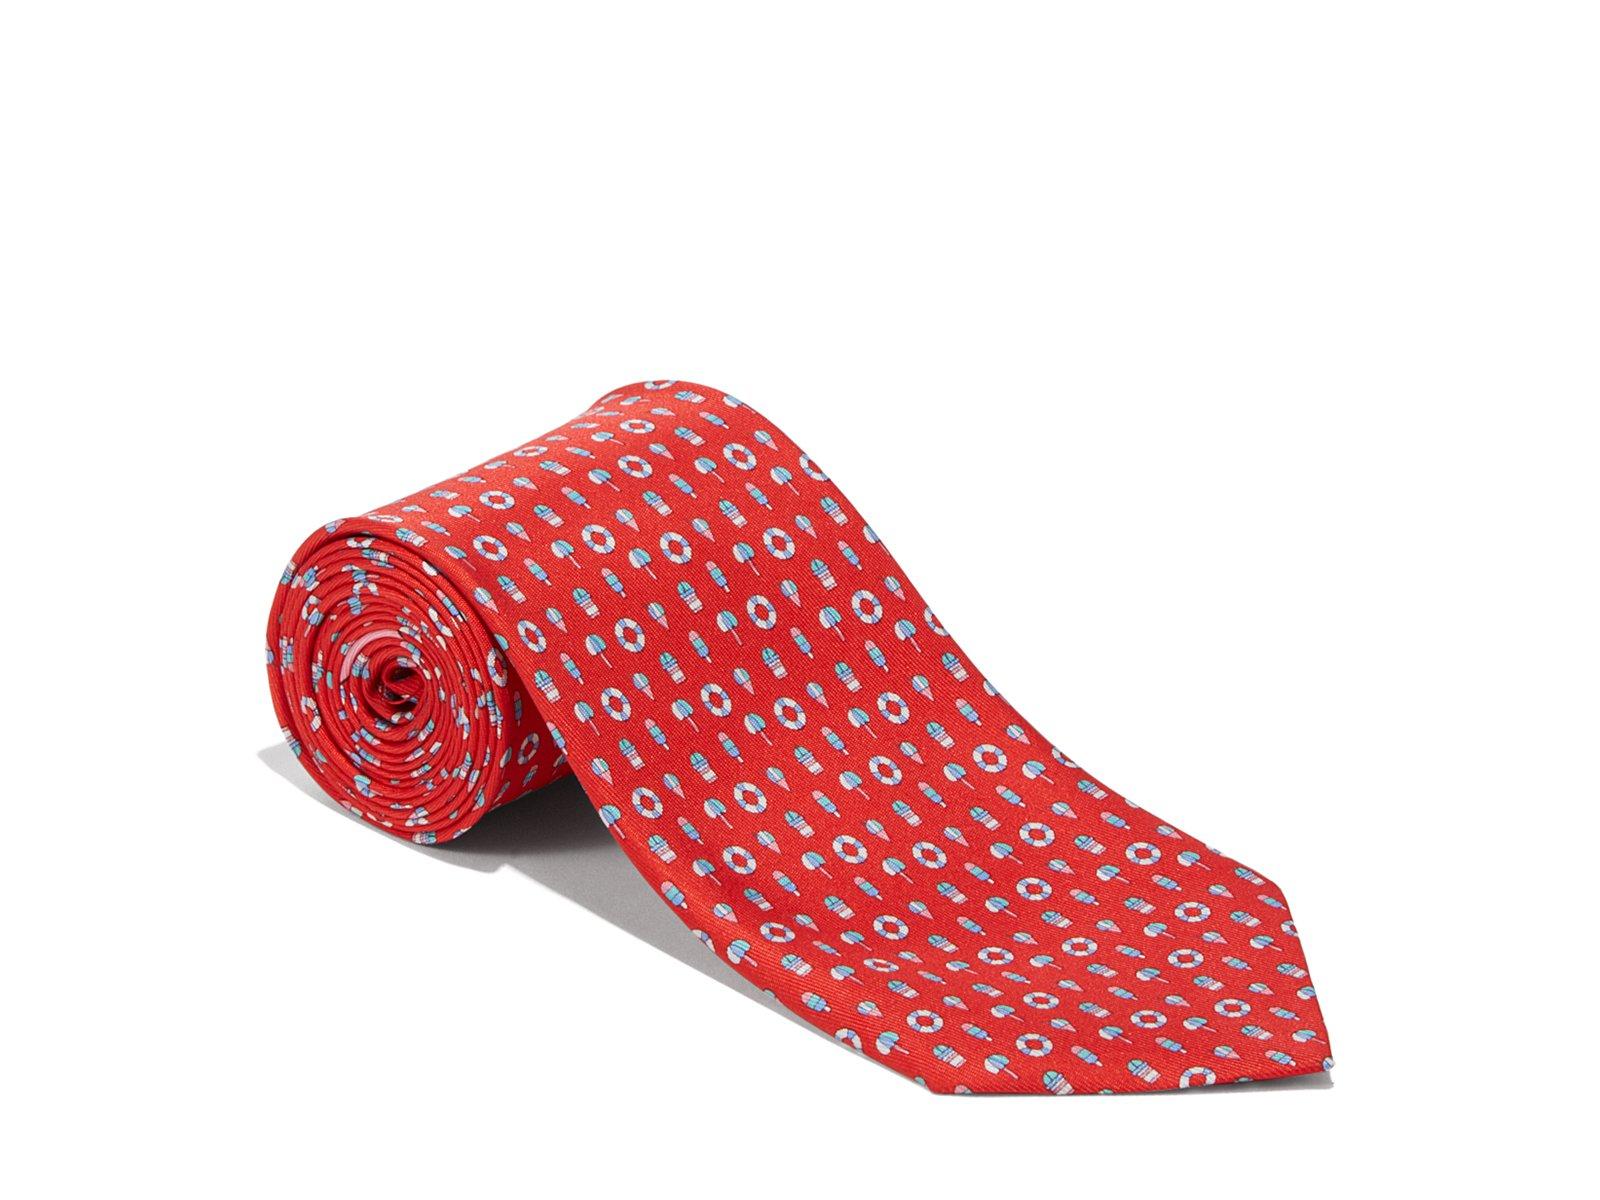 Salvatore Ferragamo Men's Red Buoy and LifeSaver Silk Neck Tie by Salvatore Ferragamo